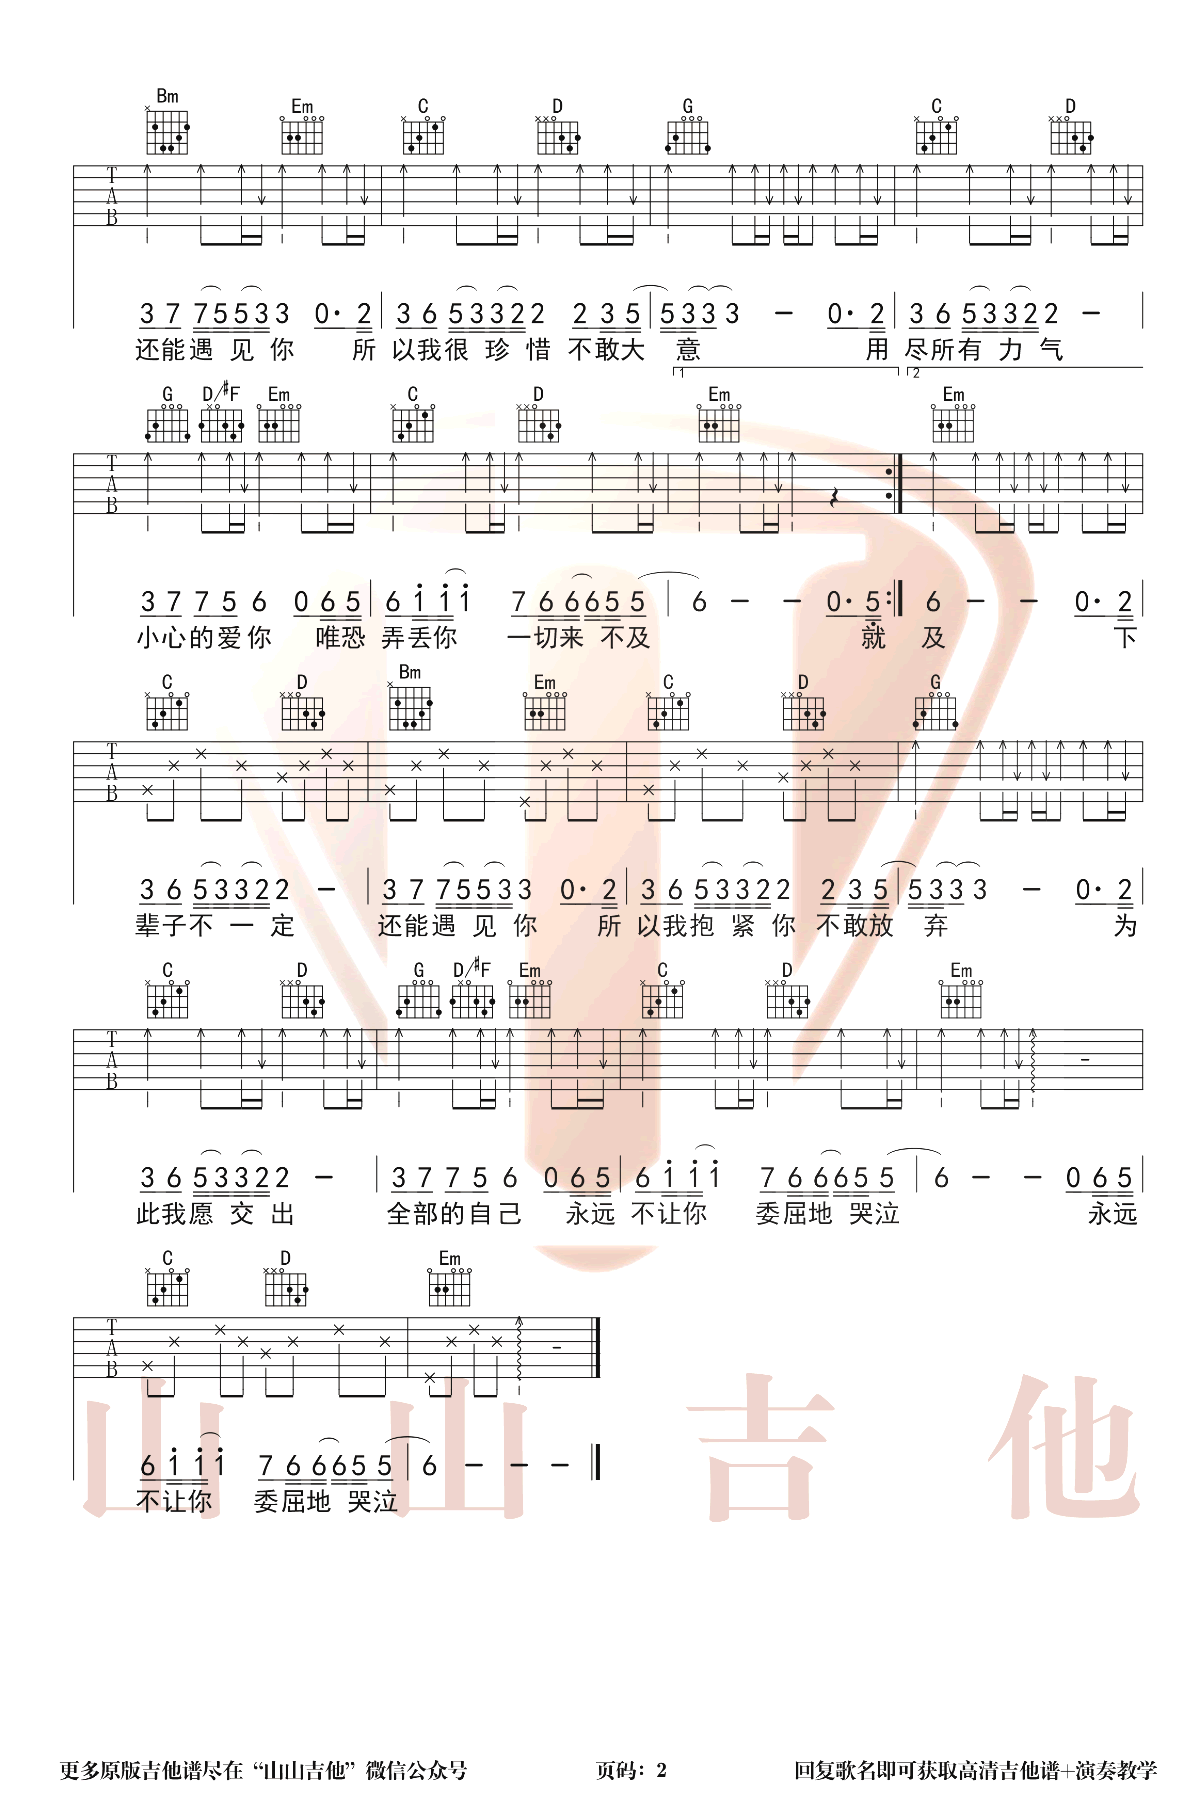 陈雅森-下辈子不一定还能遇见你吉他谱-2